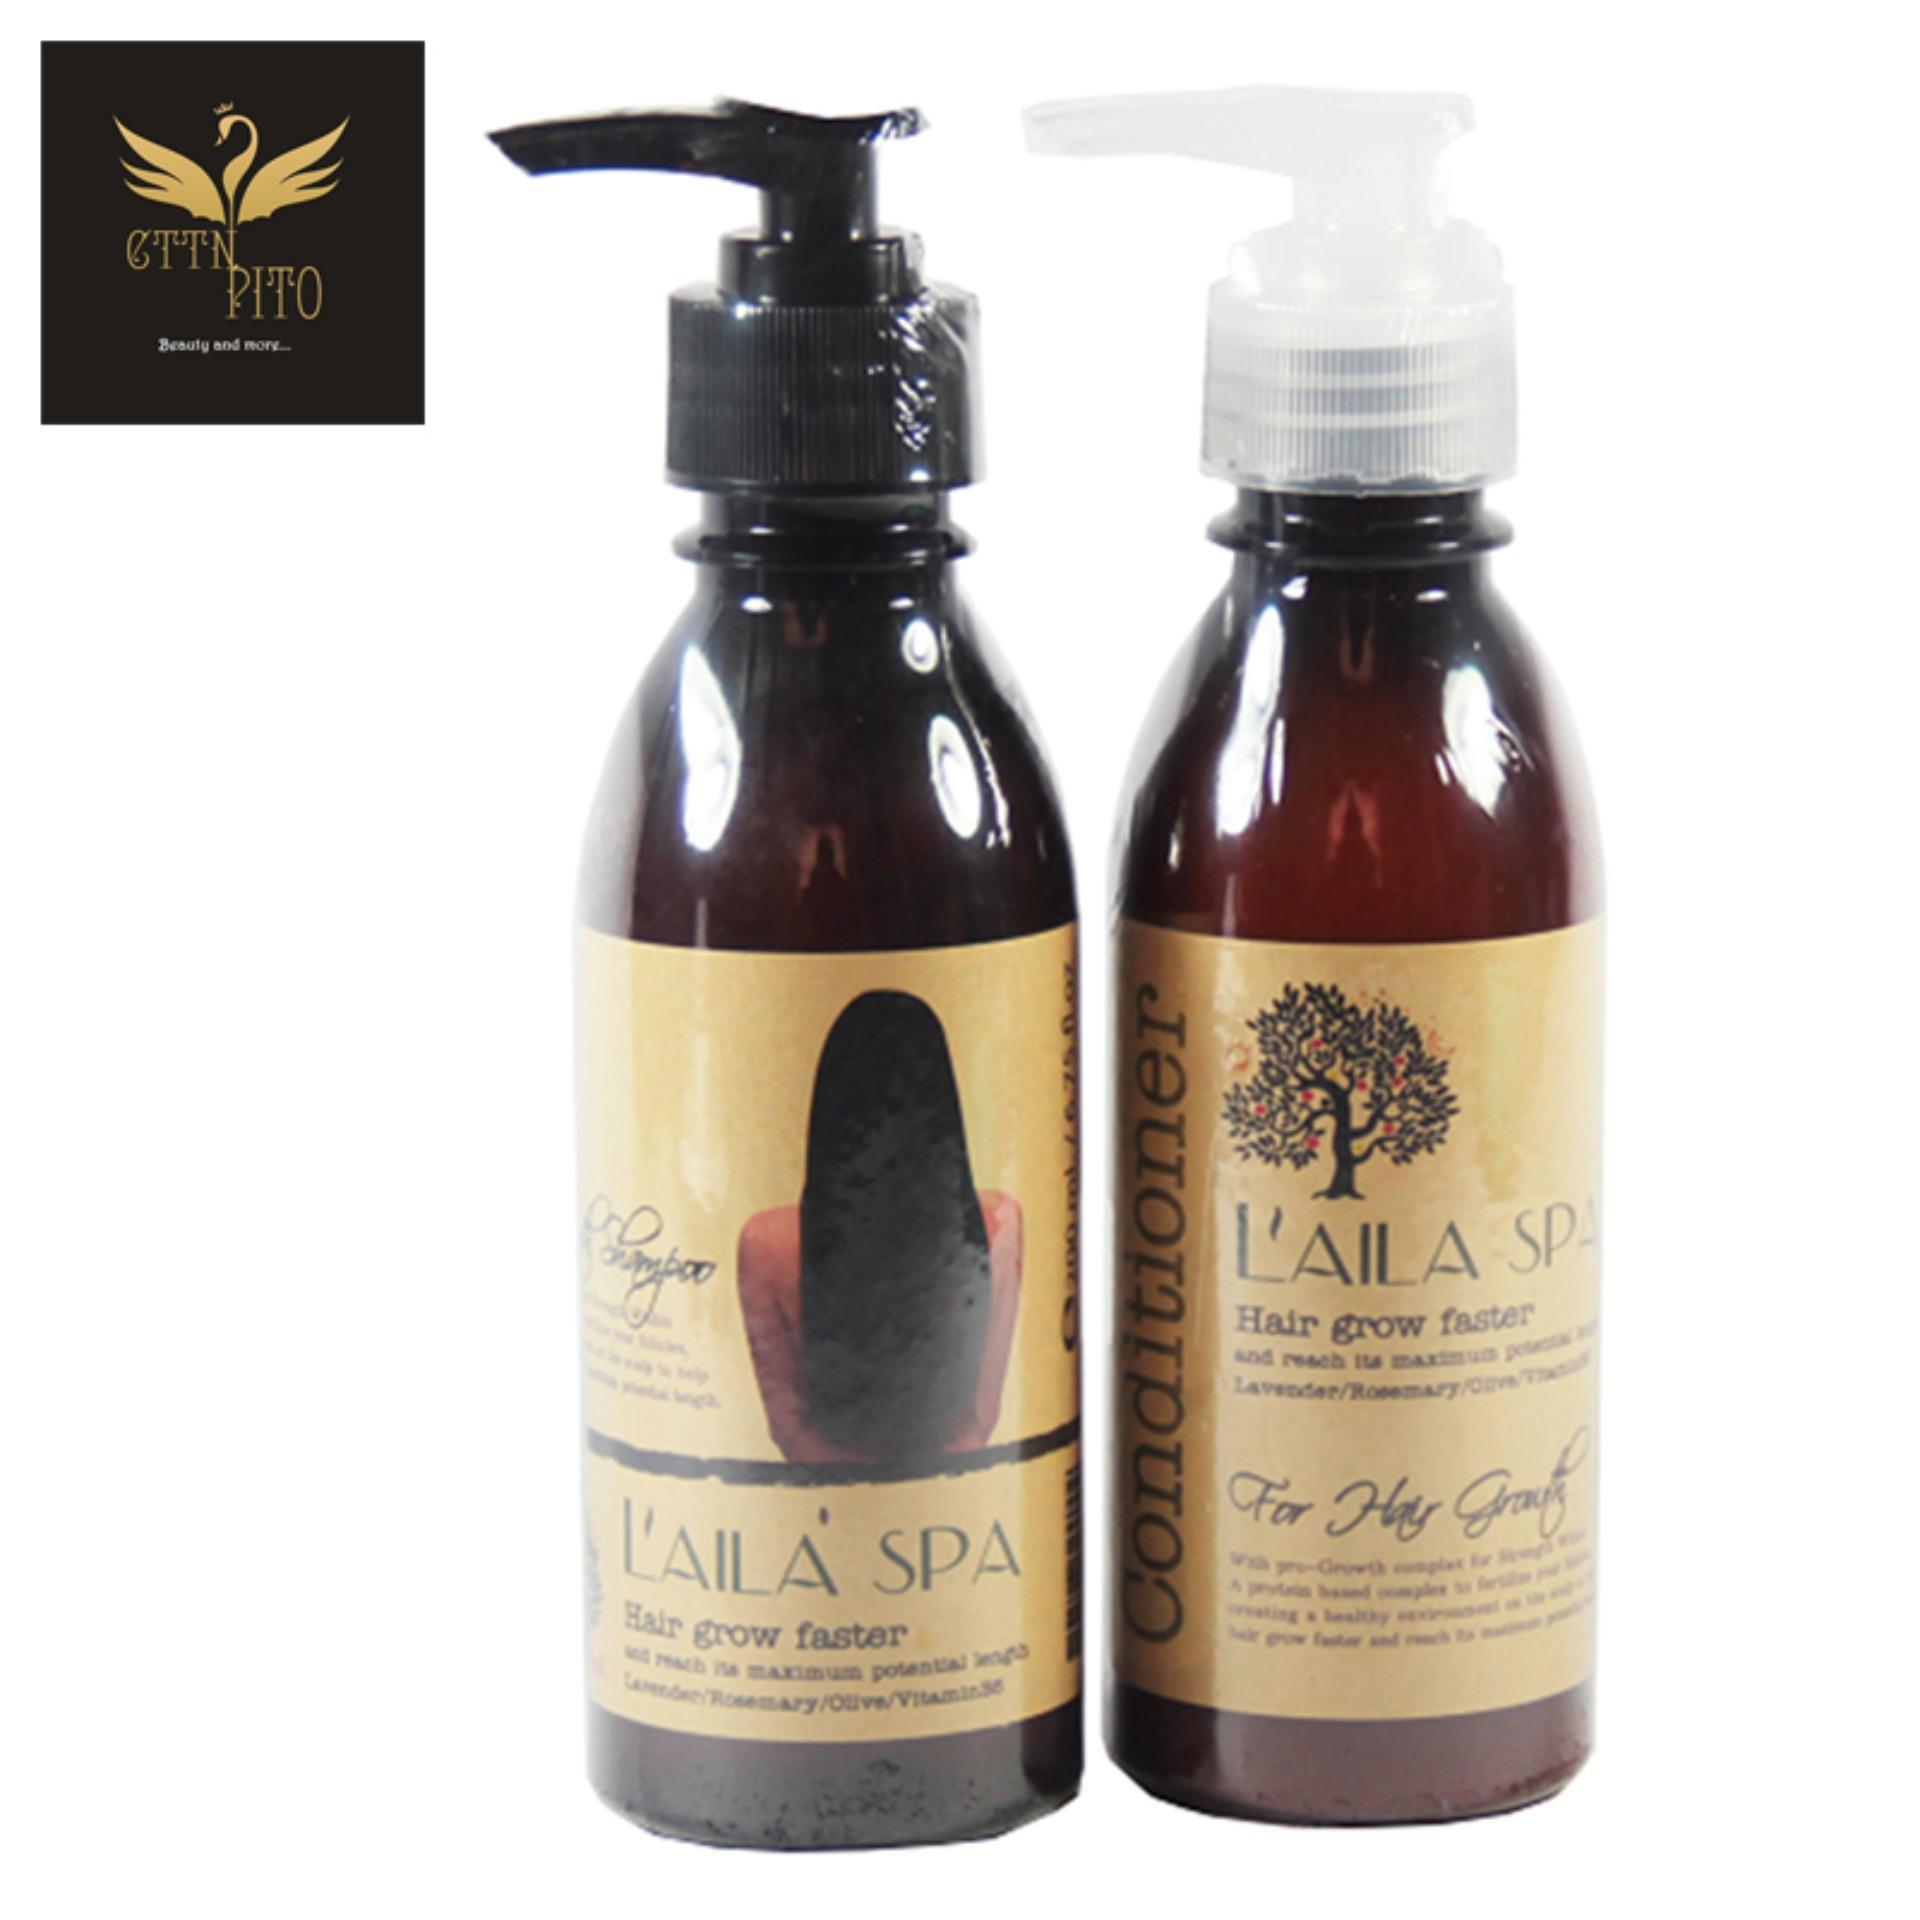 Bộ Dầu Gội và Dầu Xả Thảo Mộc Kích Thích Mọc Tóc Laila Spa Hair Grow Faster Shampoo & Conditioner 200ml nhập khẩu